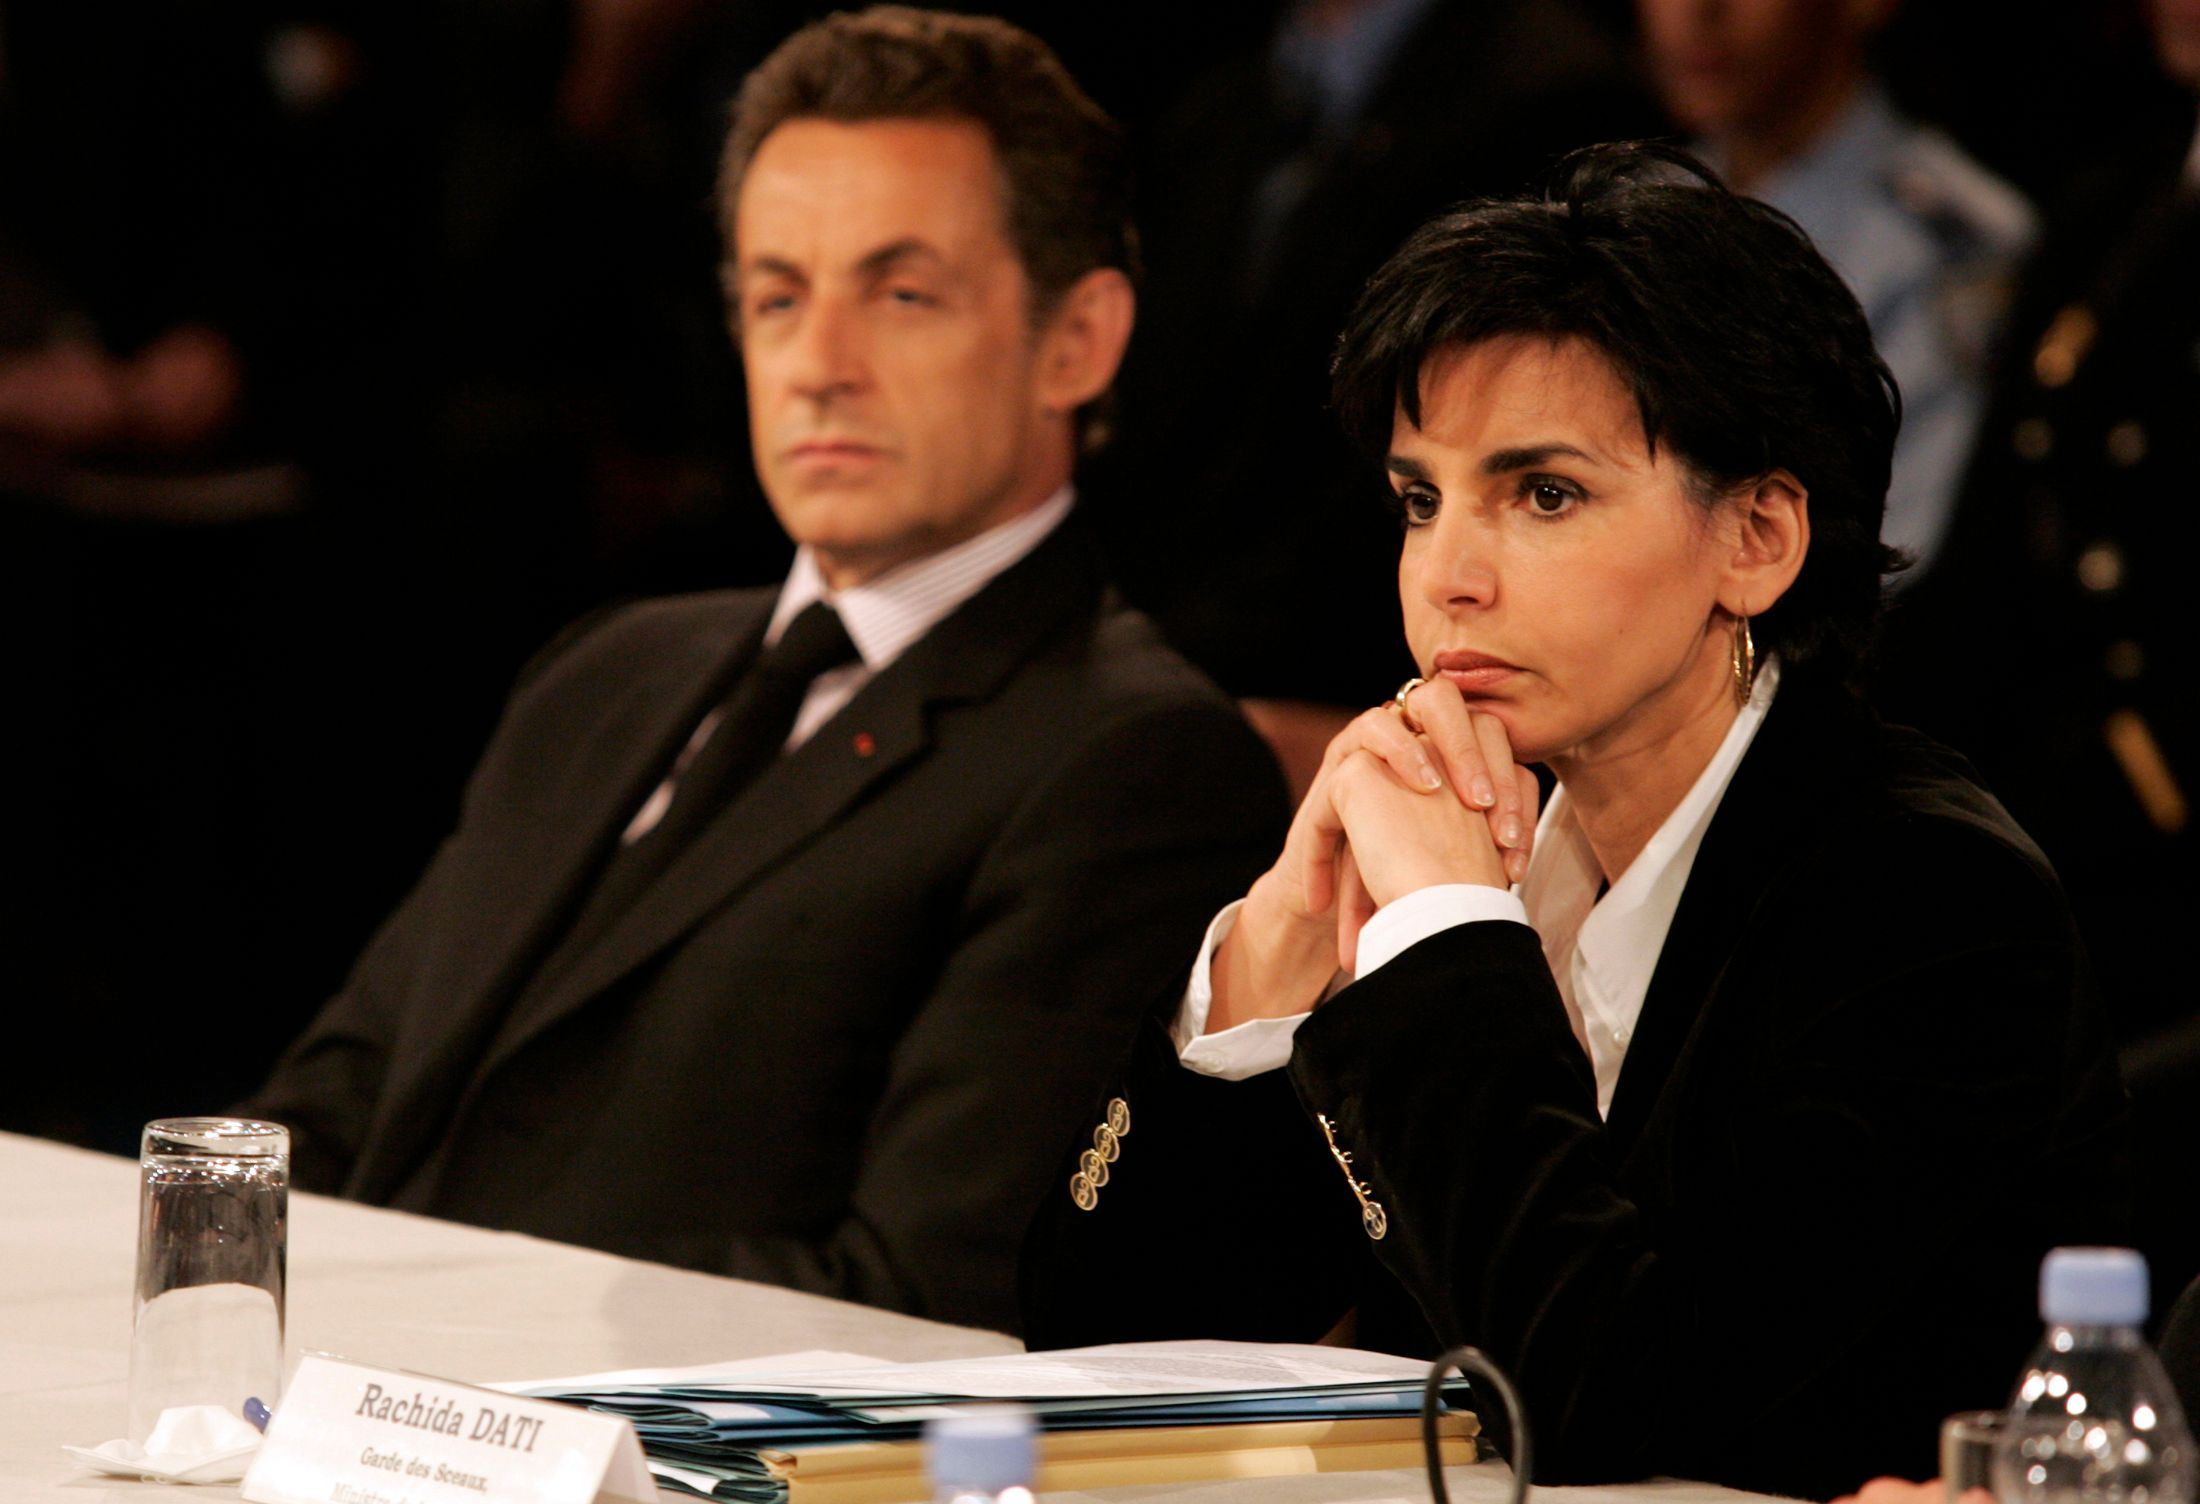 Rachida Dati presse Nicolas Sarkozy à dire s'il revient en politique ou non